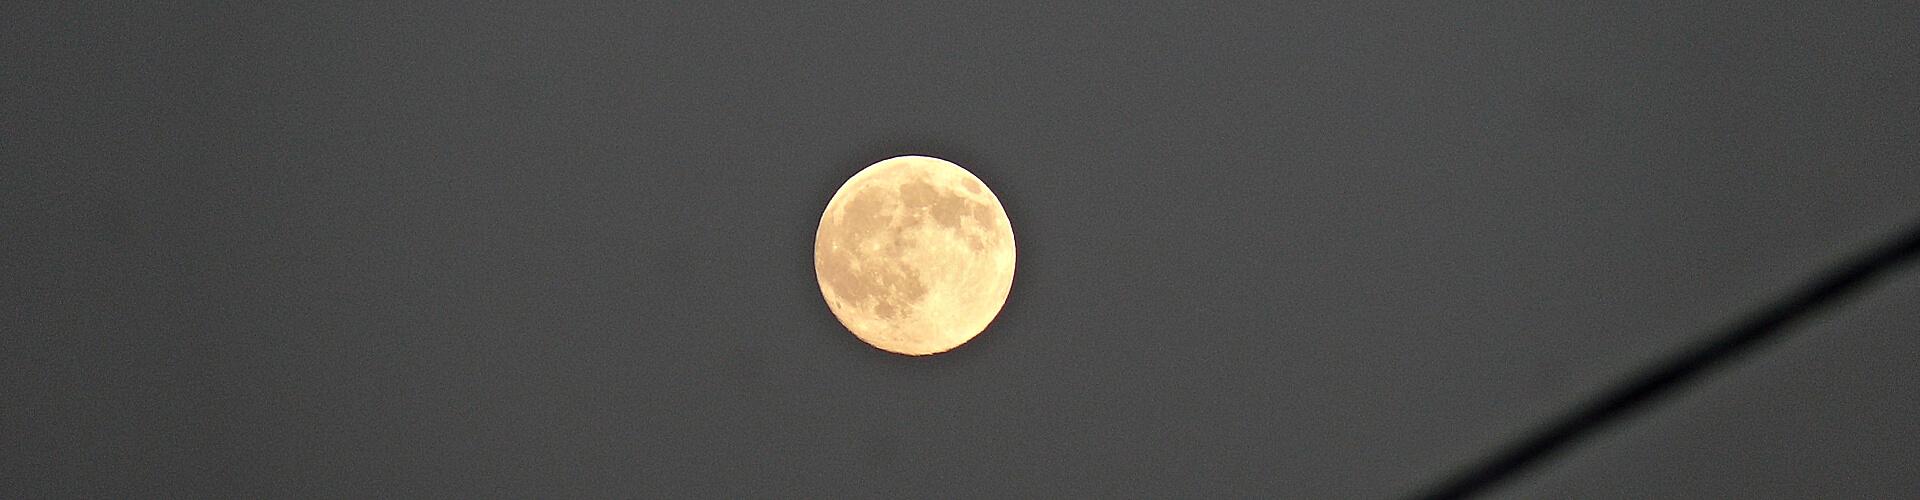 Влияние Луны Полнолуние